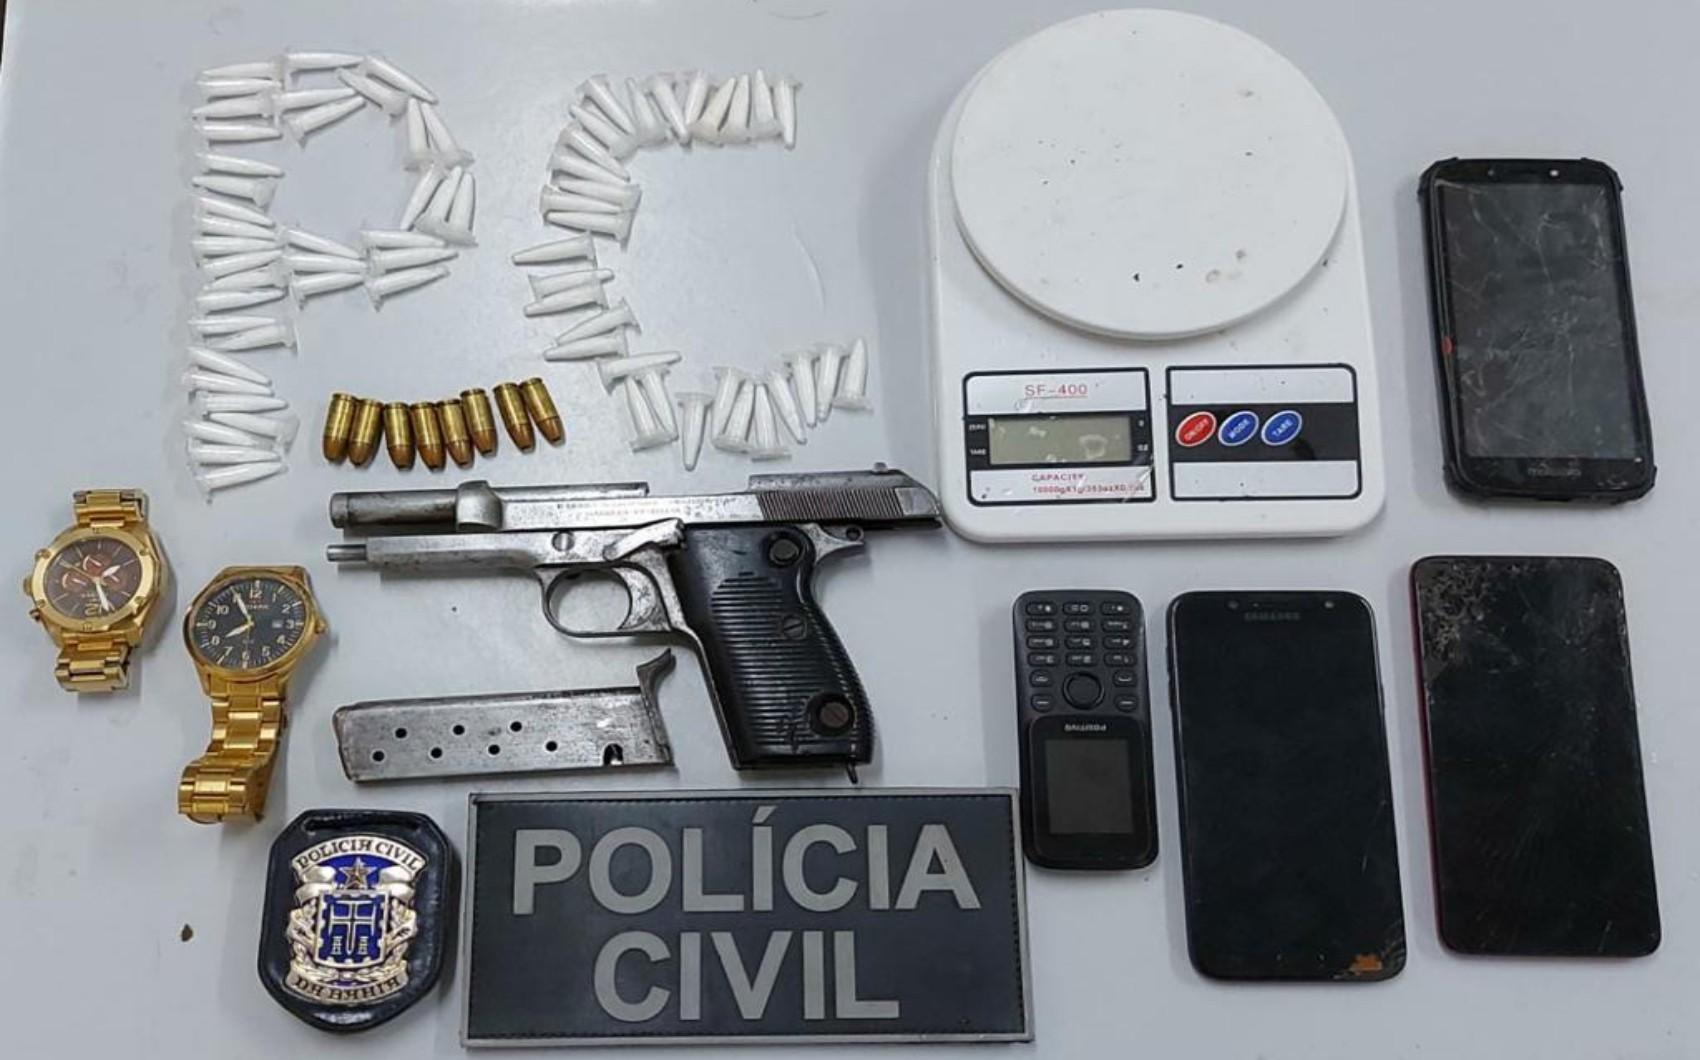 Homem é preso com drogas e arma de fabricação italiana em imóvel no interior da Bahia